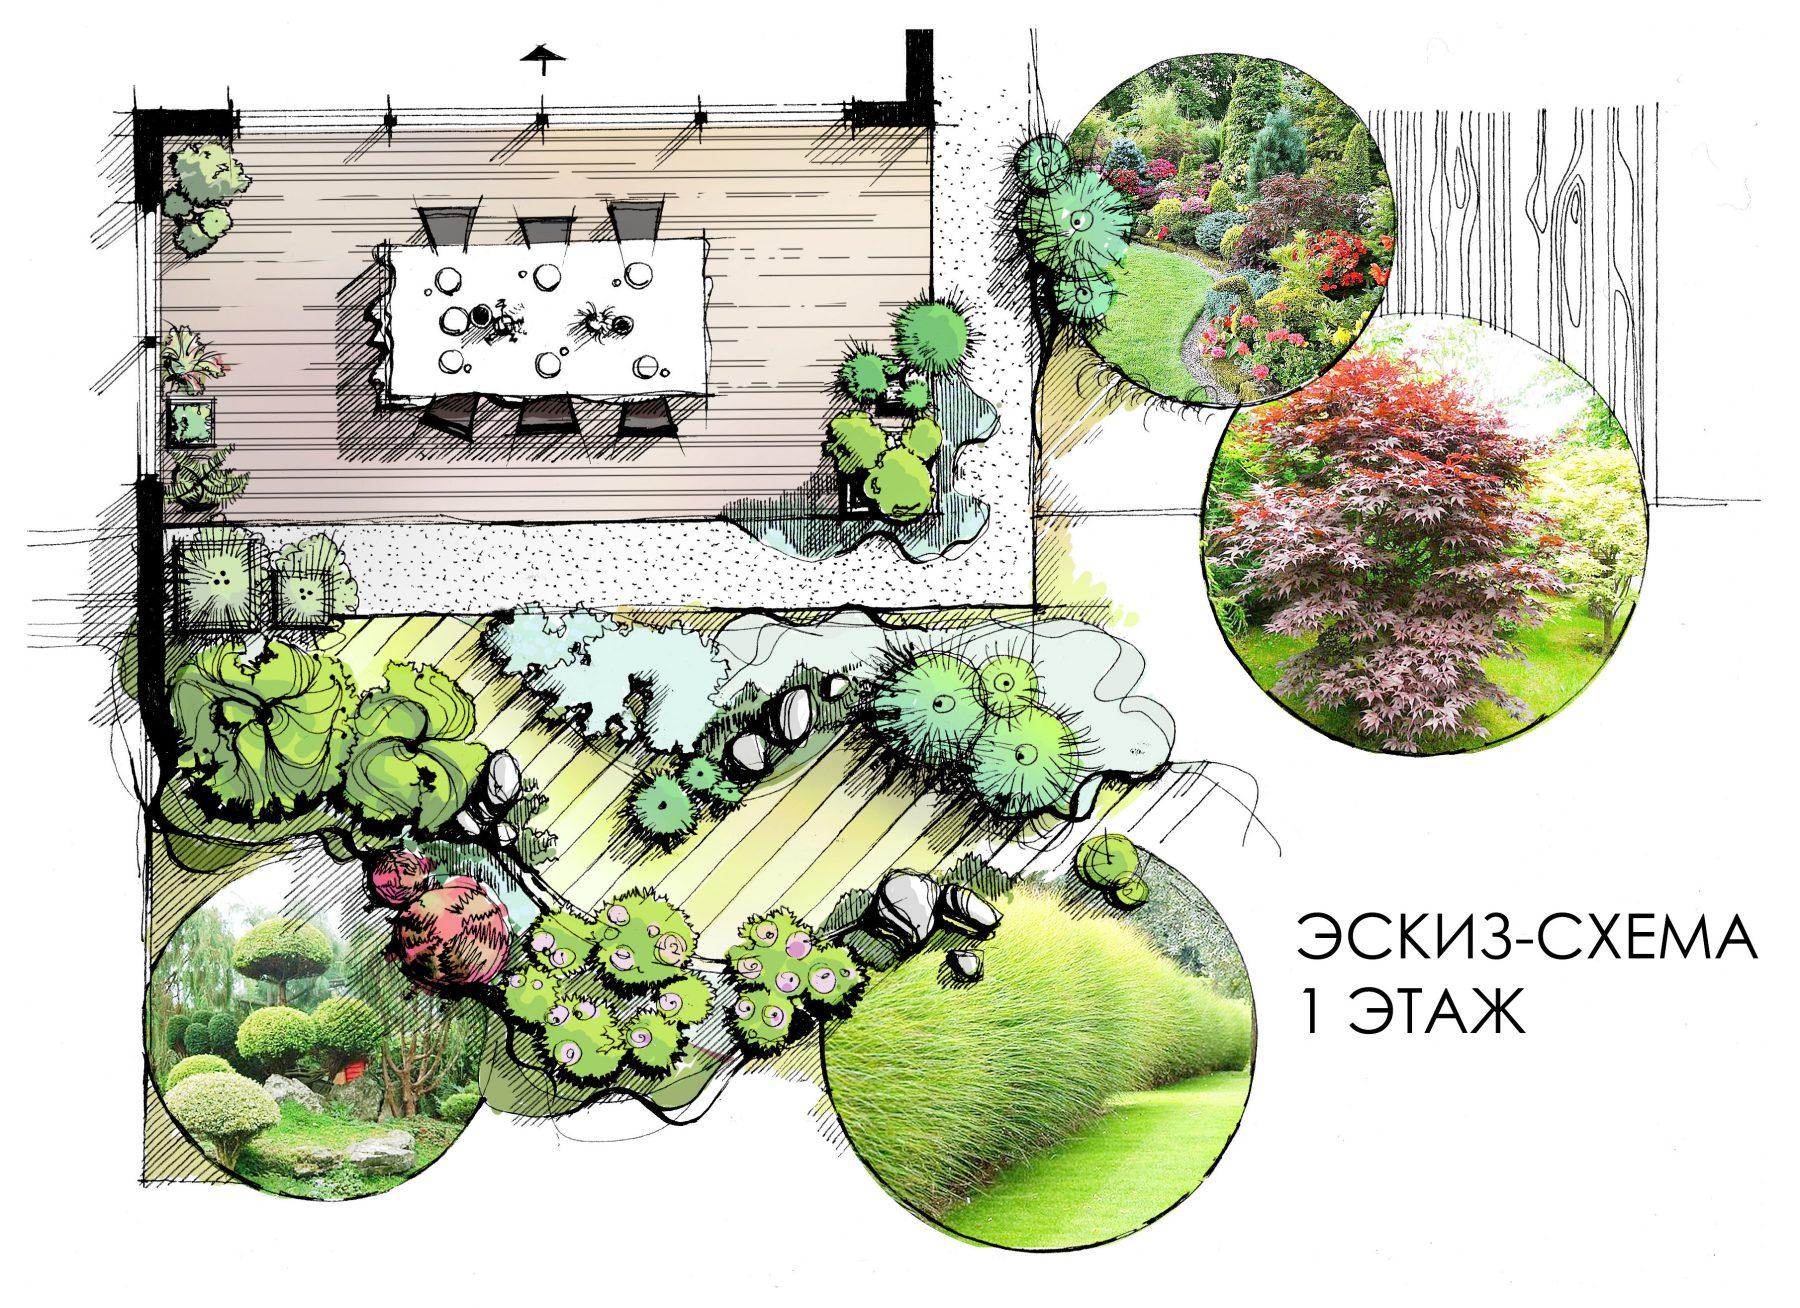 Эскиз-схема по ландшафту для загородного дома